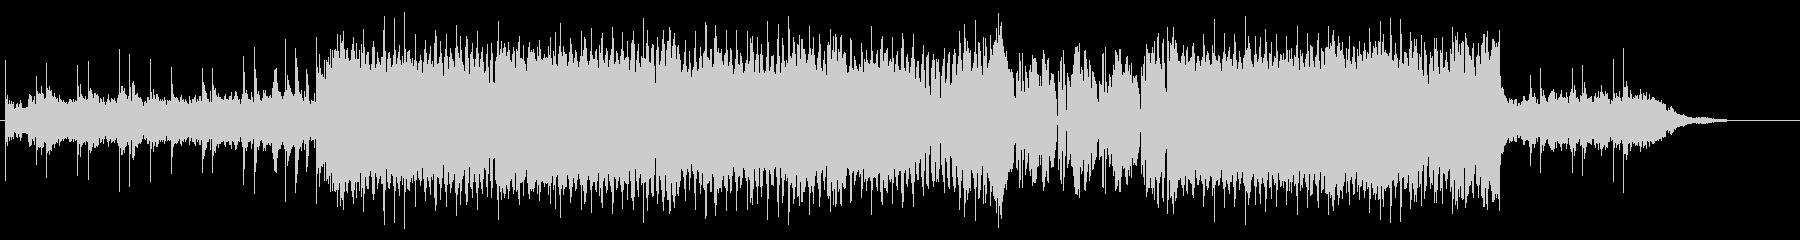 トランス調のクールな曲の未再生の波形